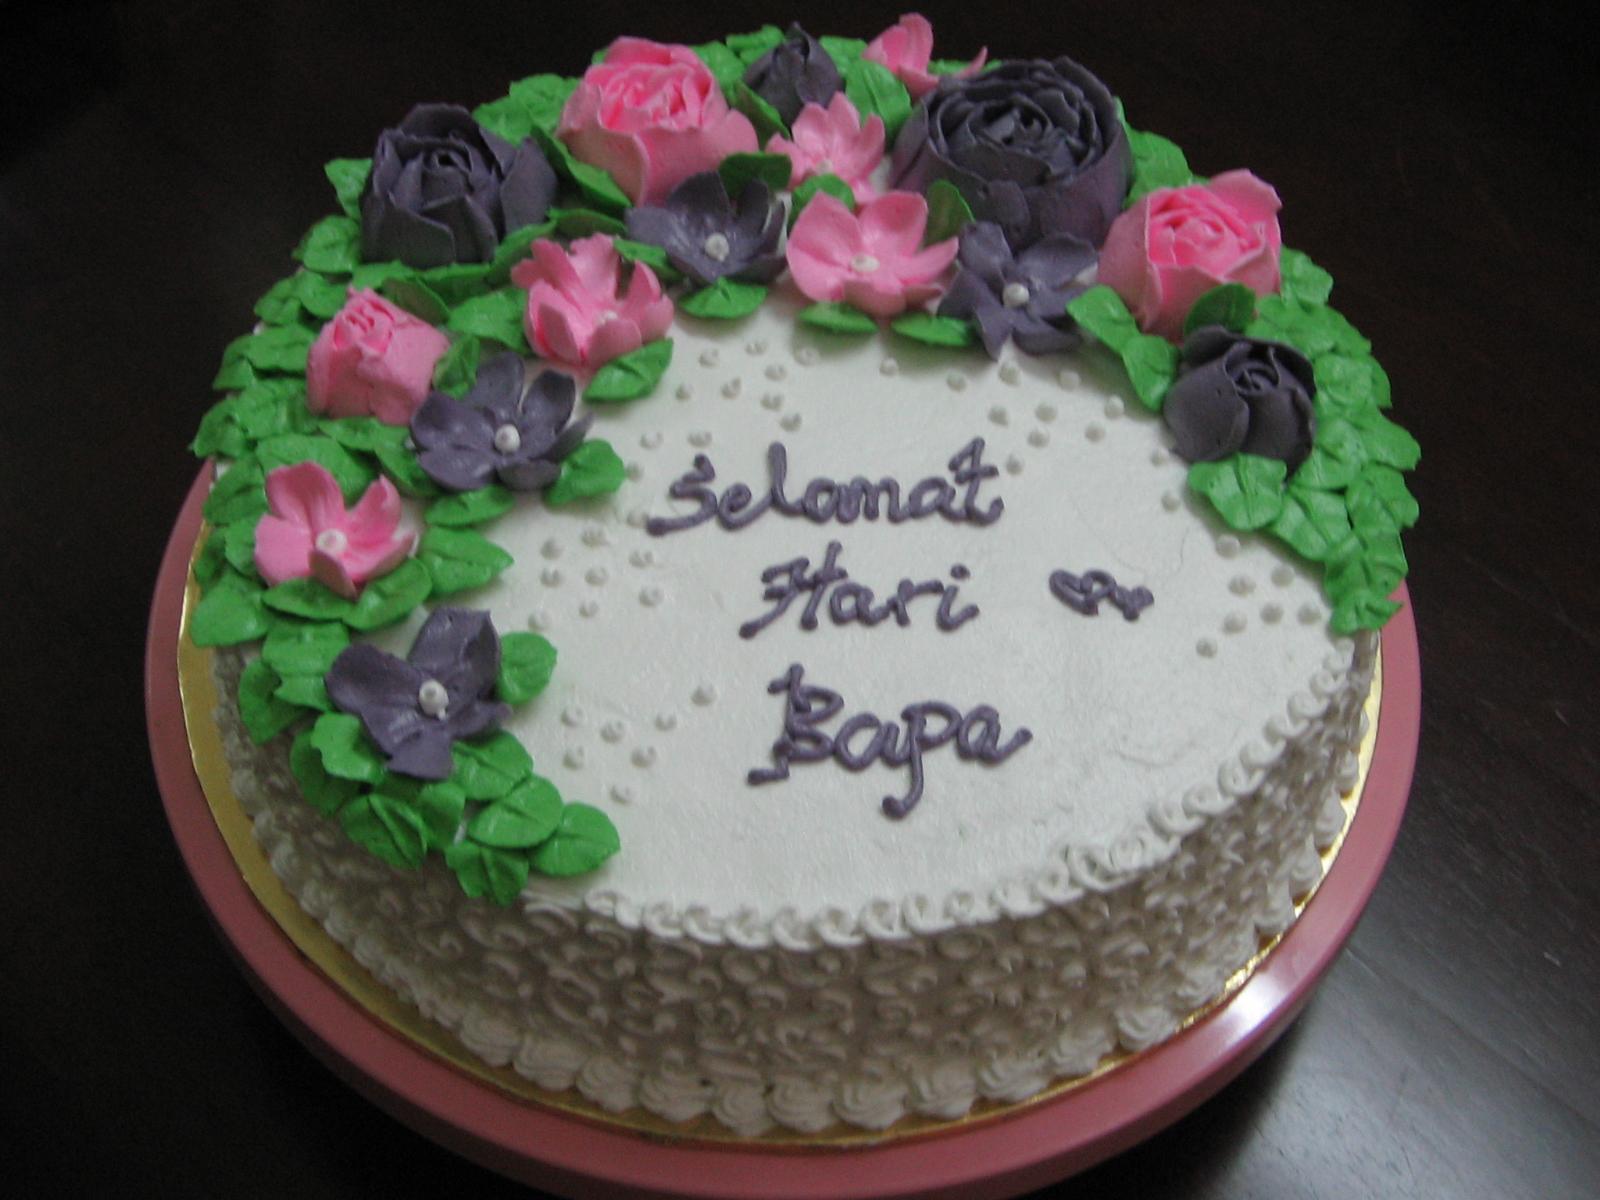 Cake Images With Name Hari : Sempena Hari Bapa linacupcakecreations